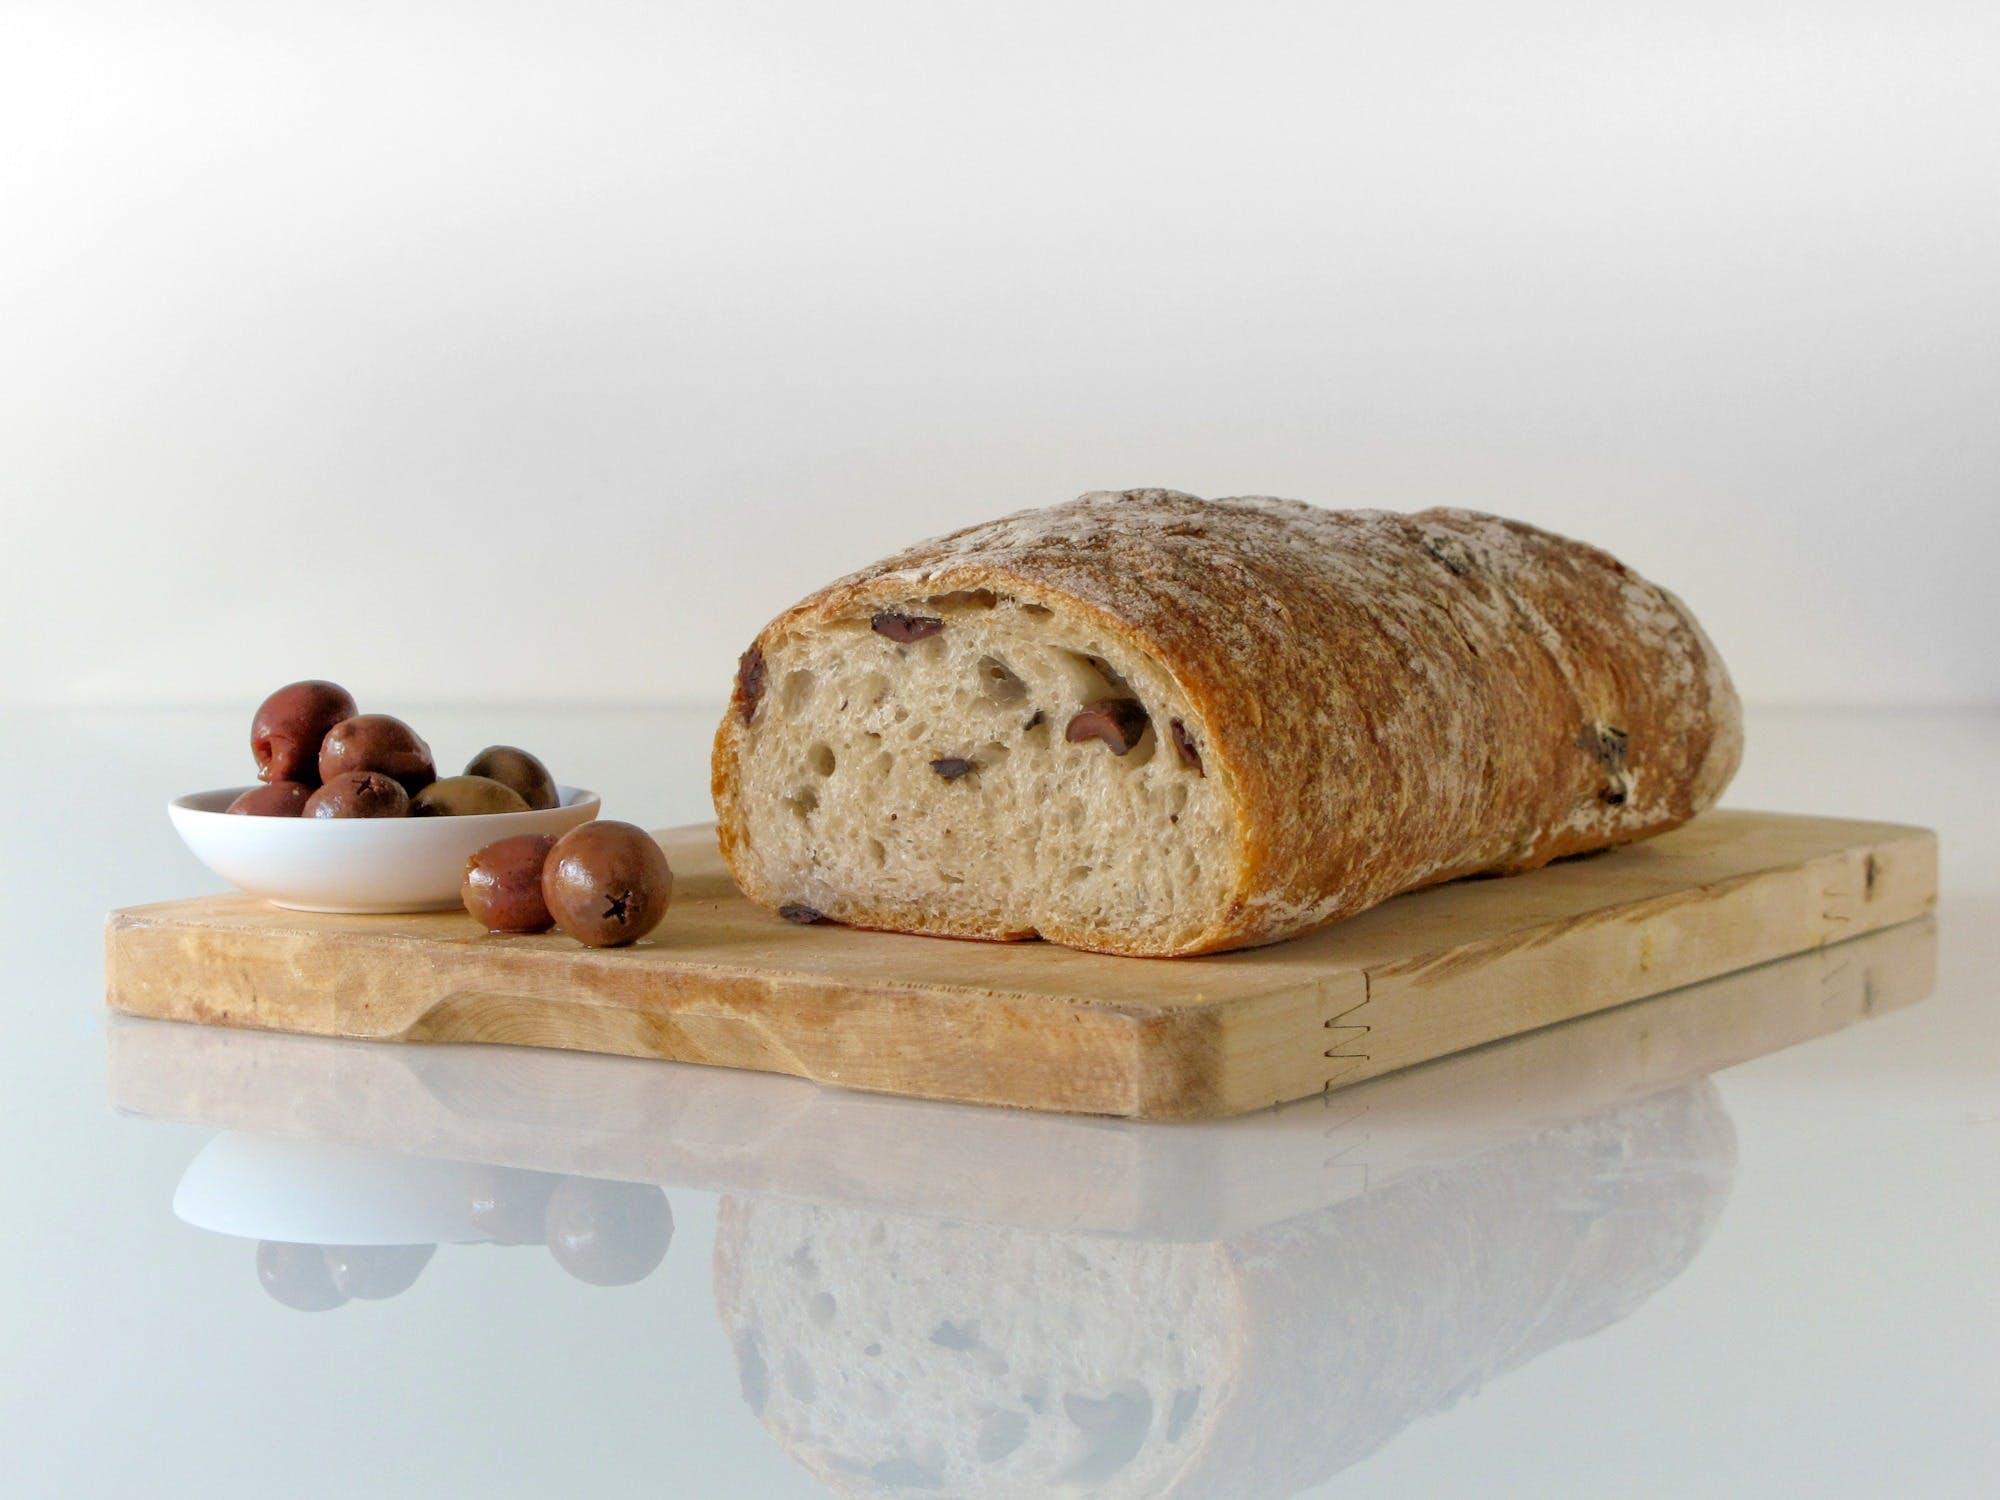 Gratis lagerfoto af brød, hvede, mad, oliven